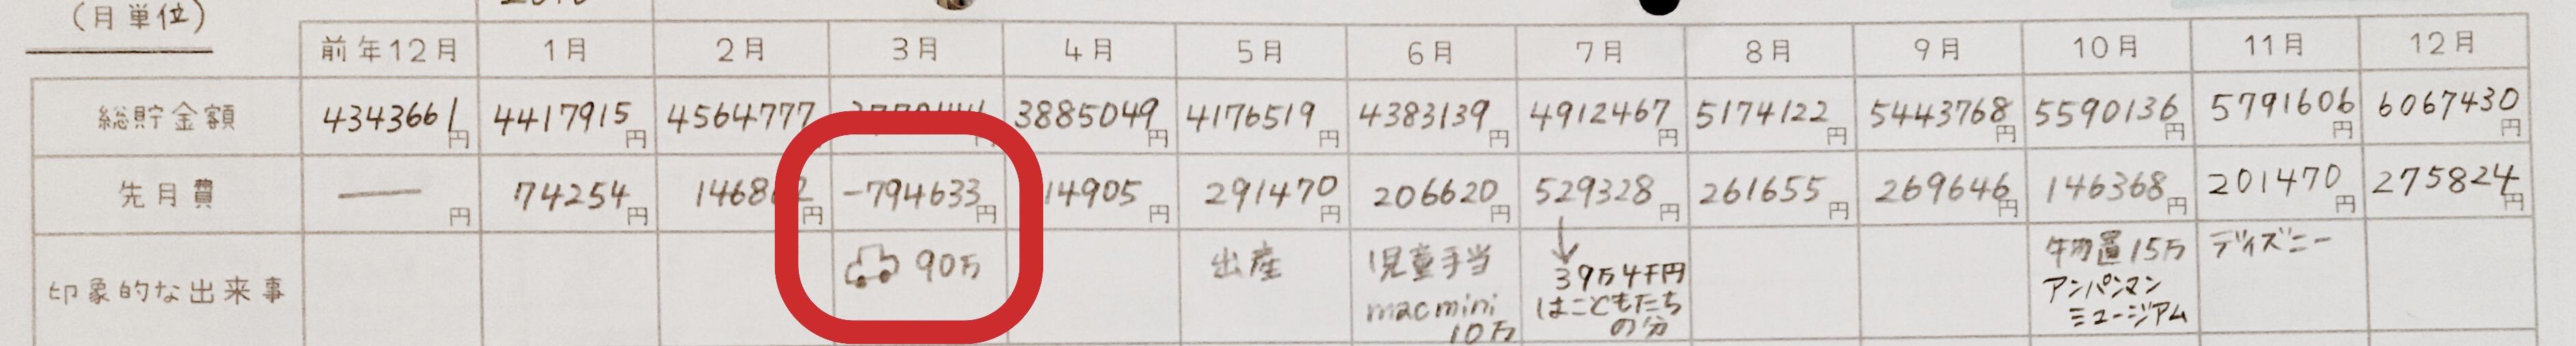 我が家の家計簿の臨時収入・支出の記入例☆